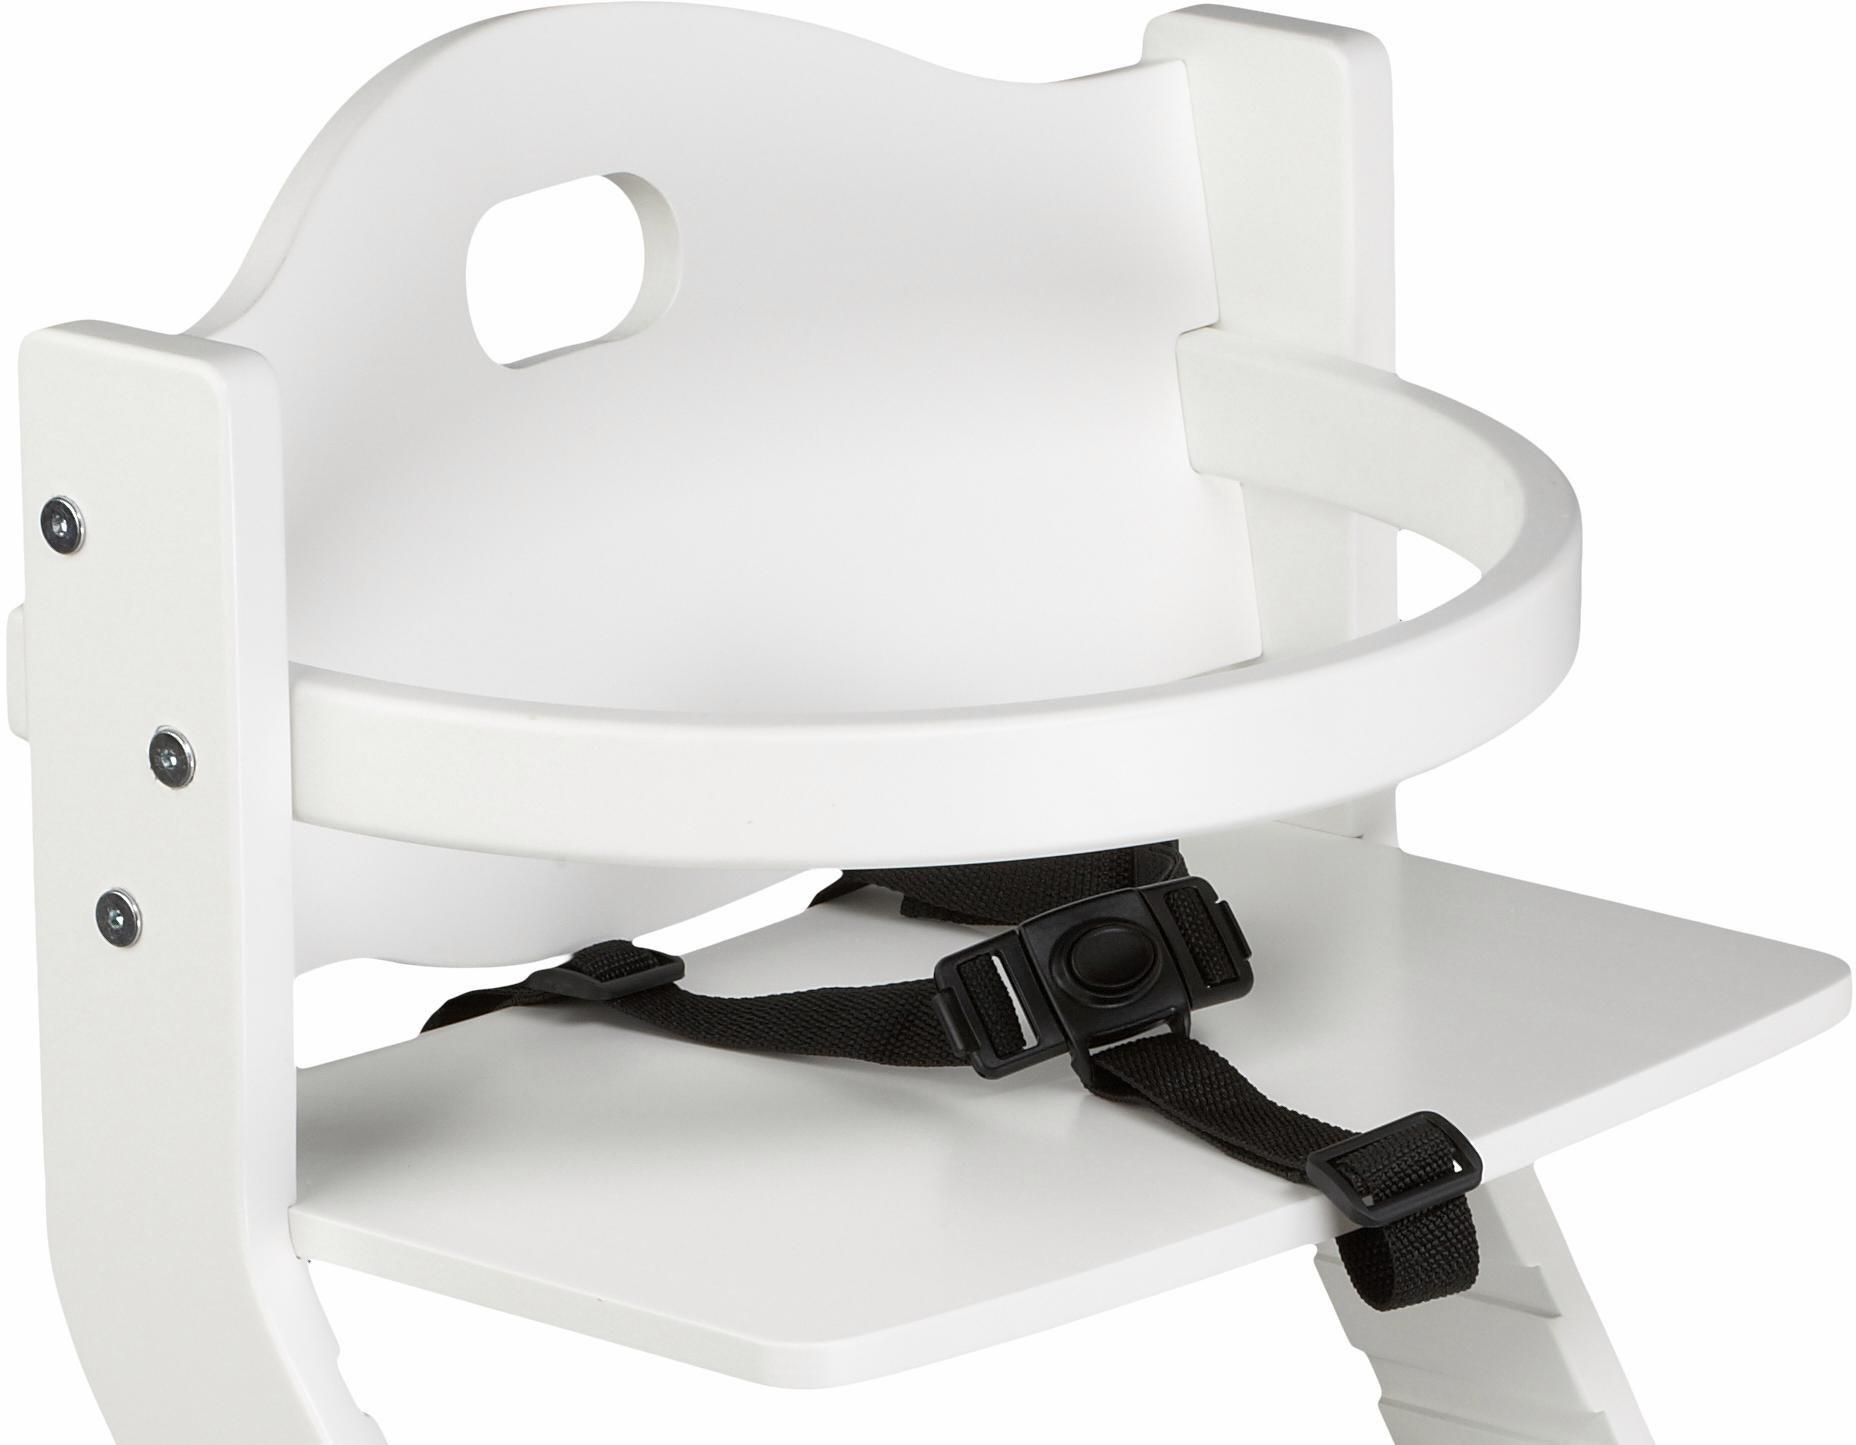 Kinderstoel Wit Hout.Beugel Van Hout Voor Kinderstoel Wit